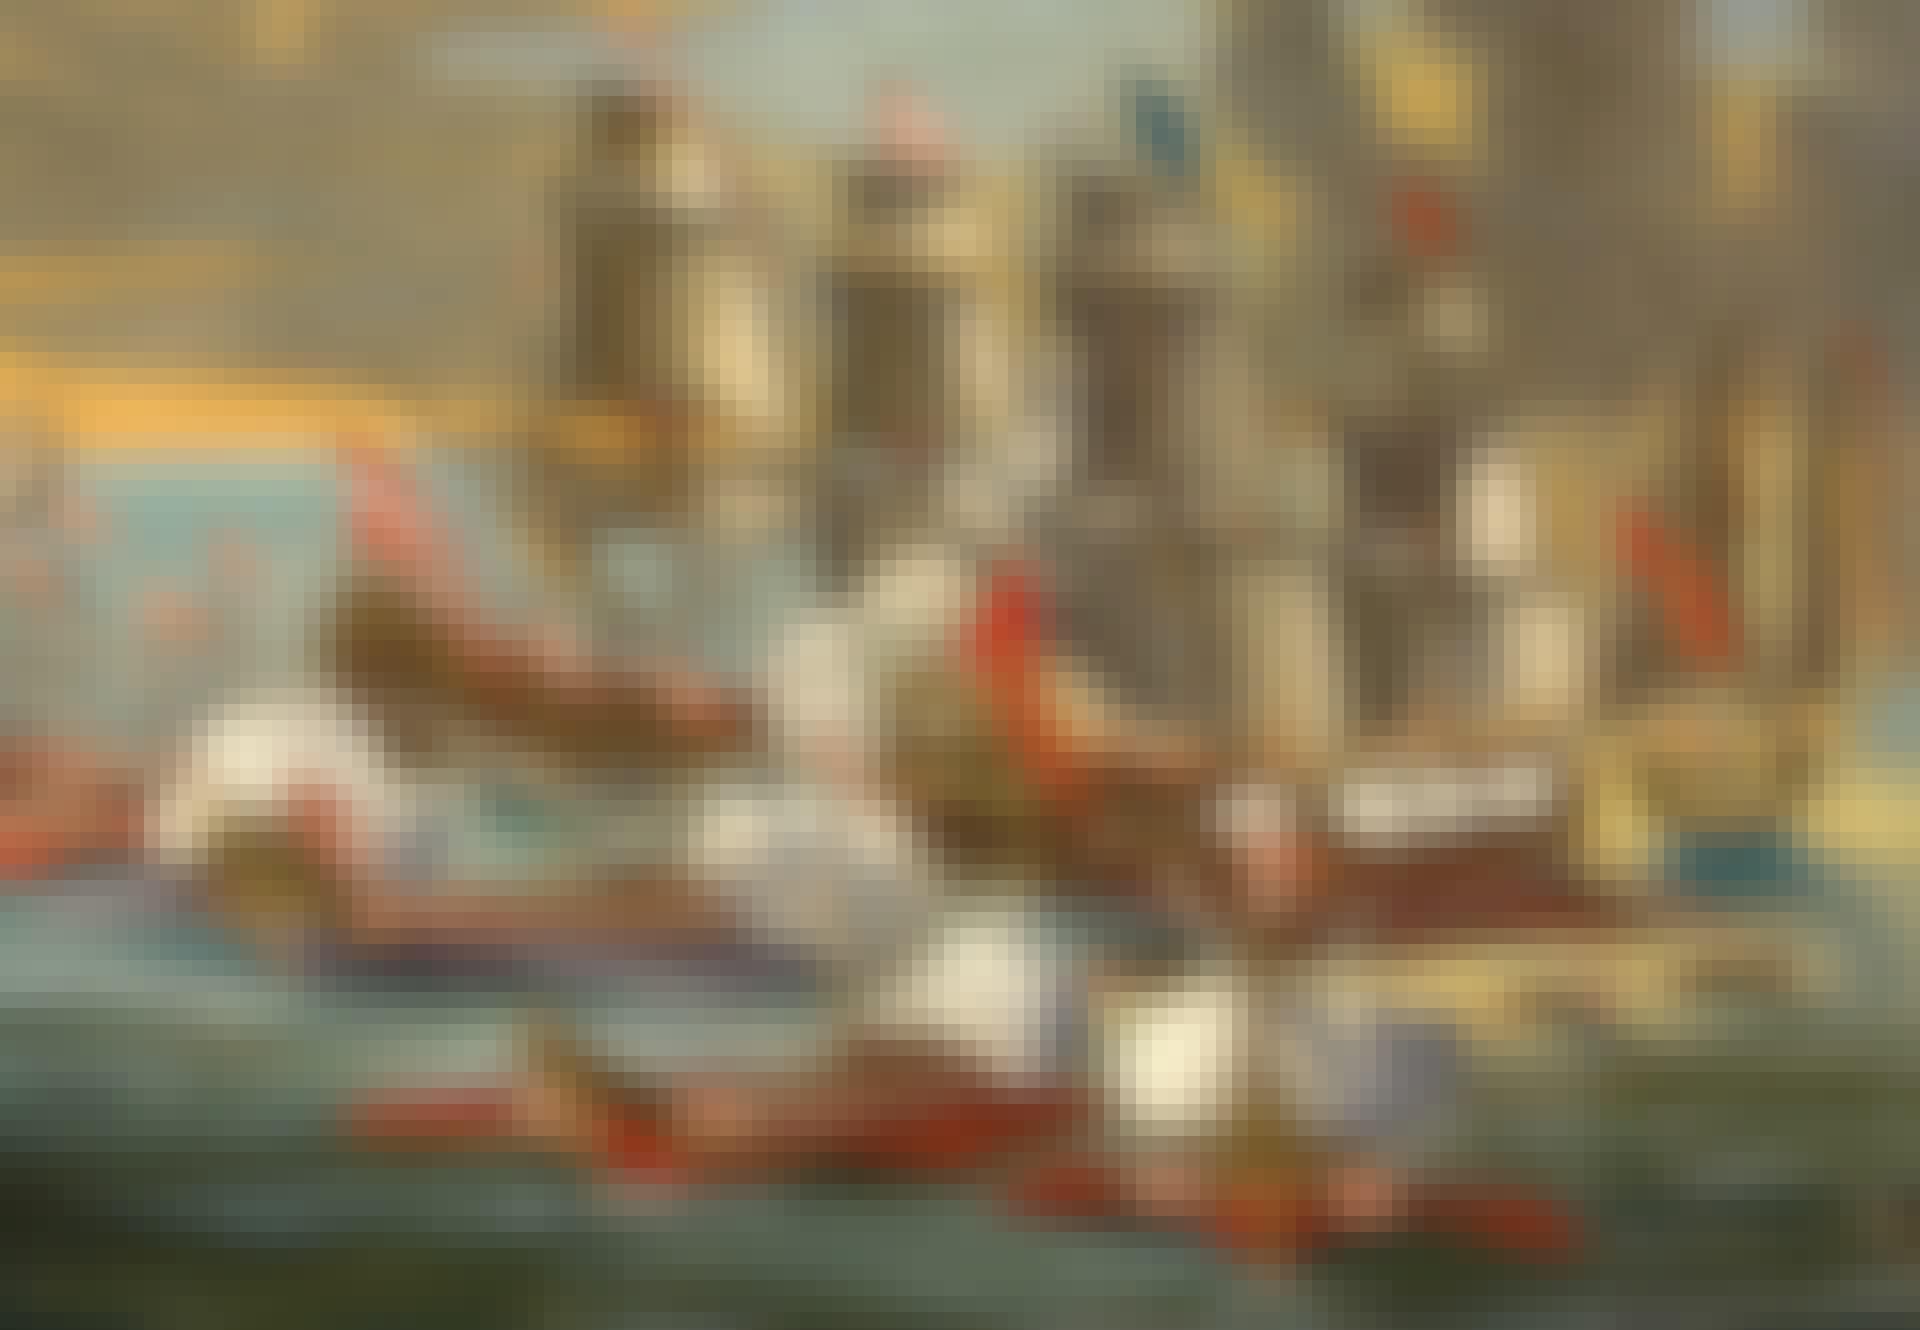 Pirater fra Malta angriper osmansk skip.